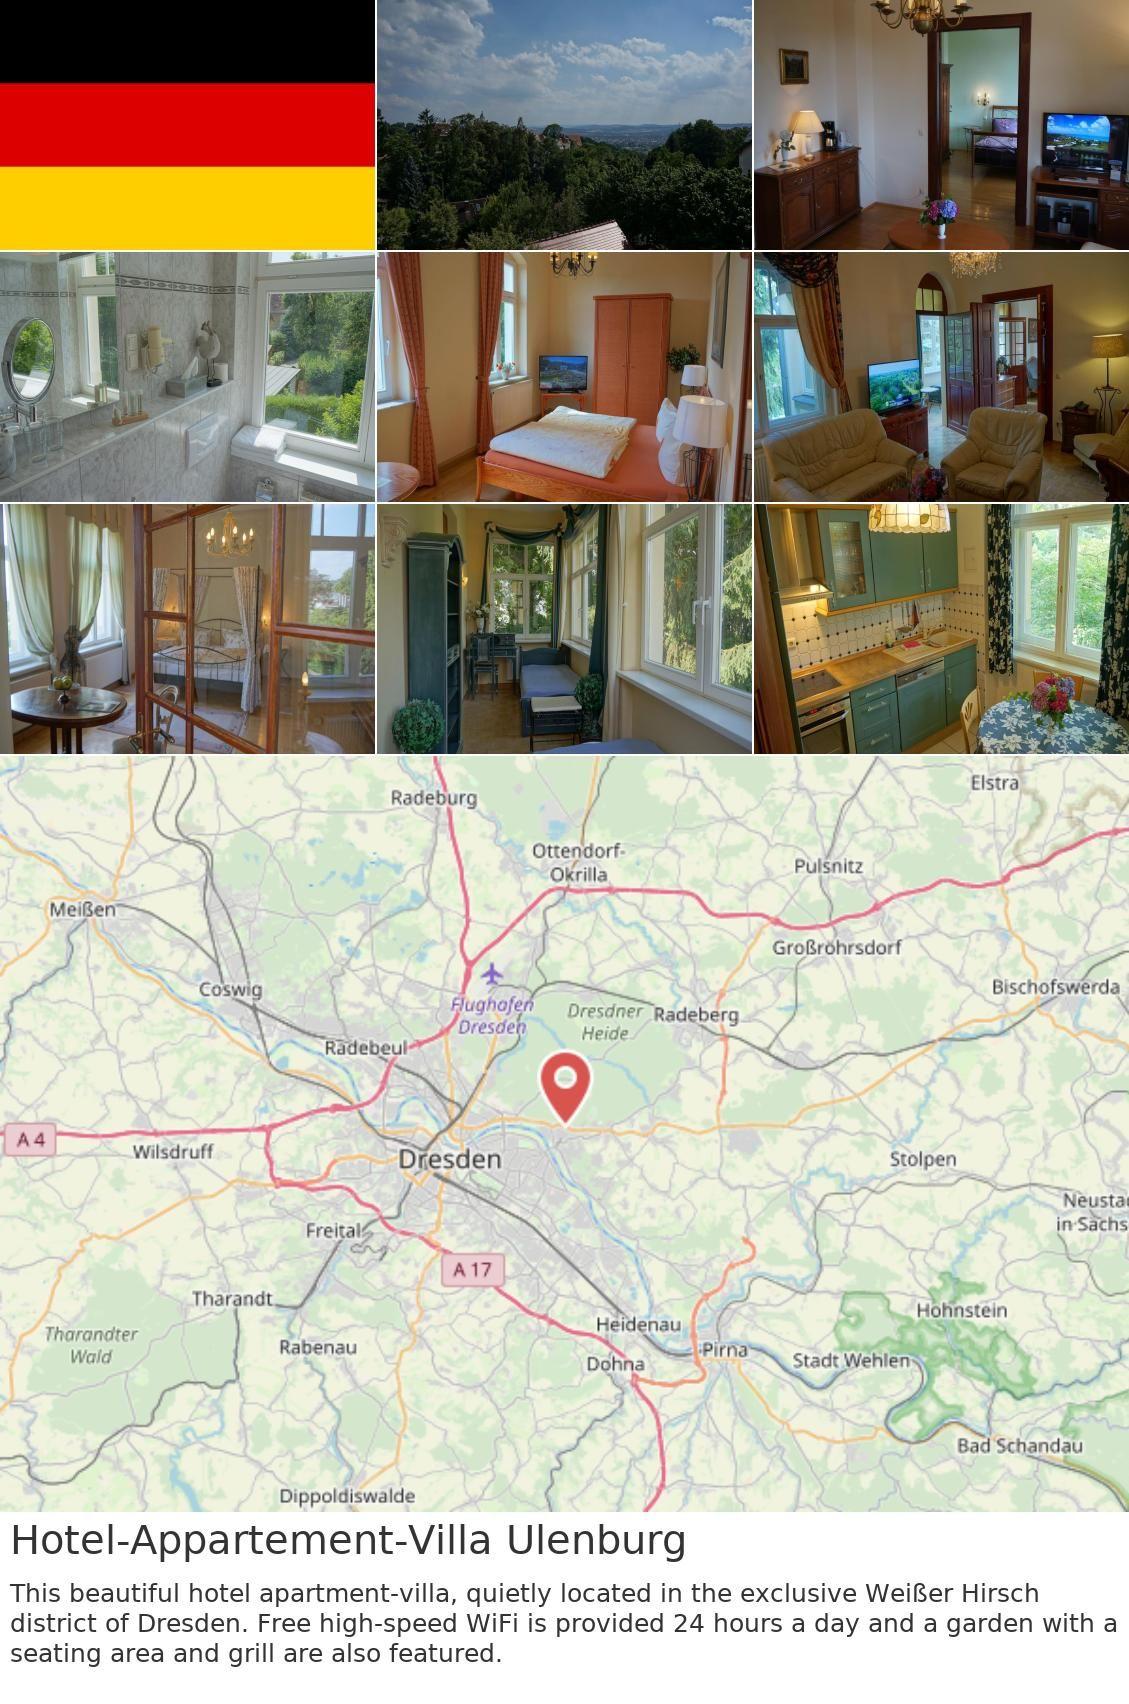 Hotel Appartement Villa Ulenburg